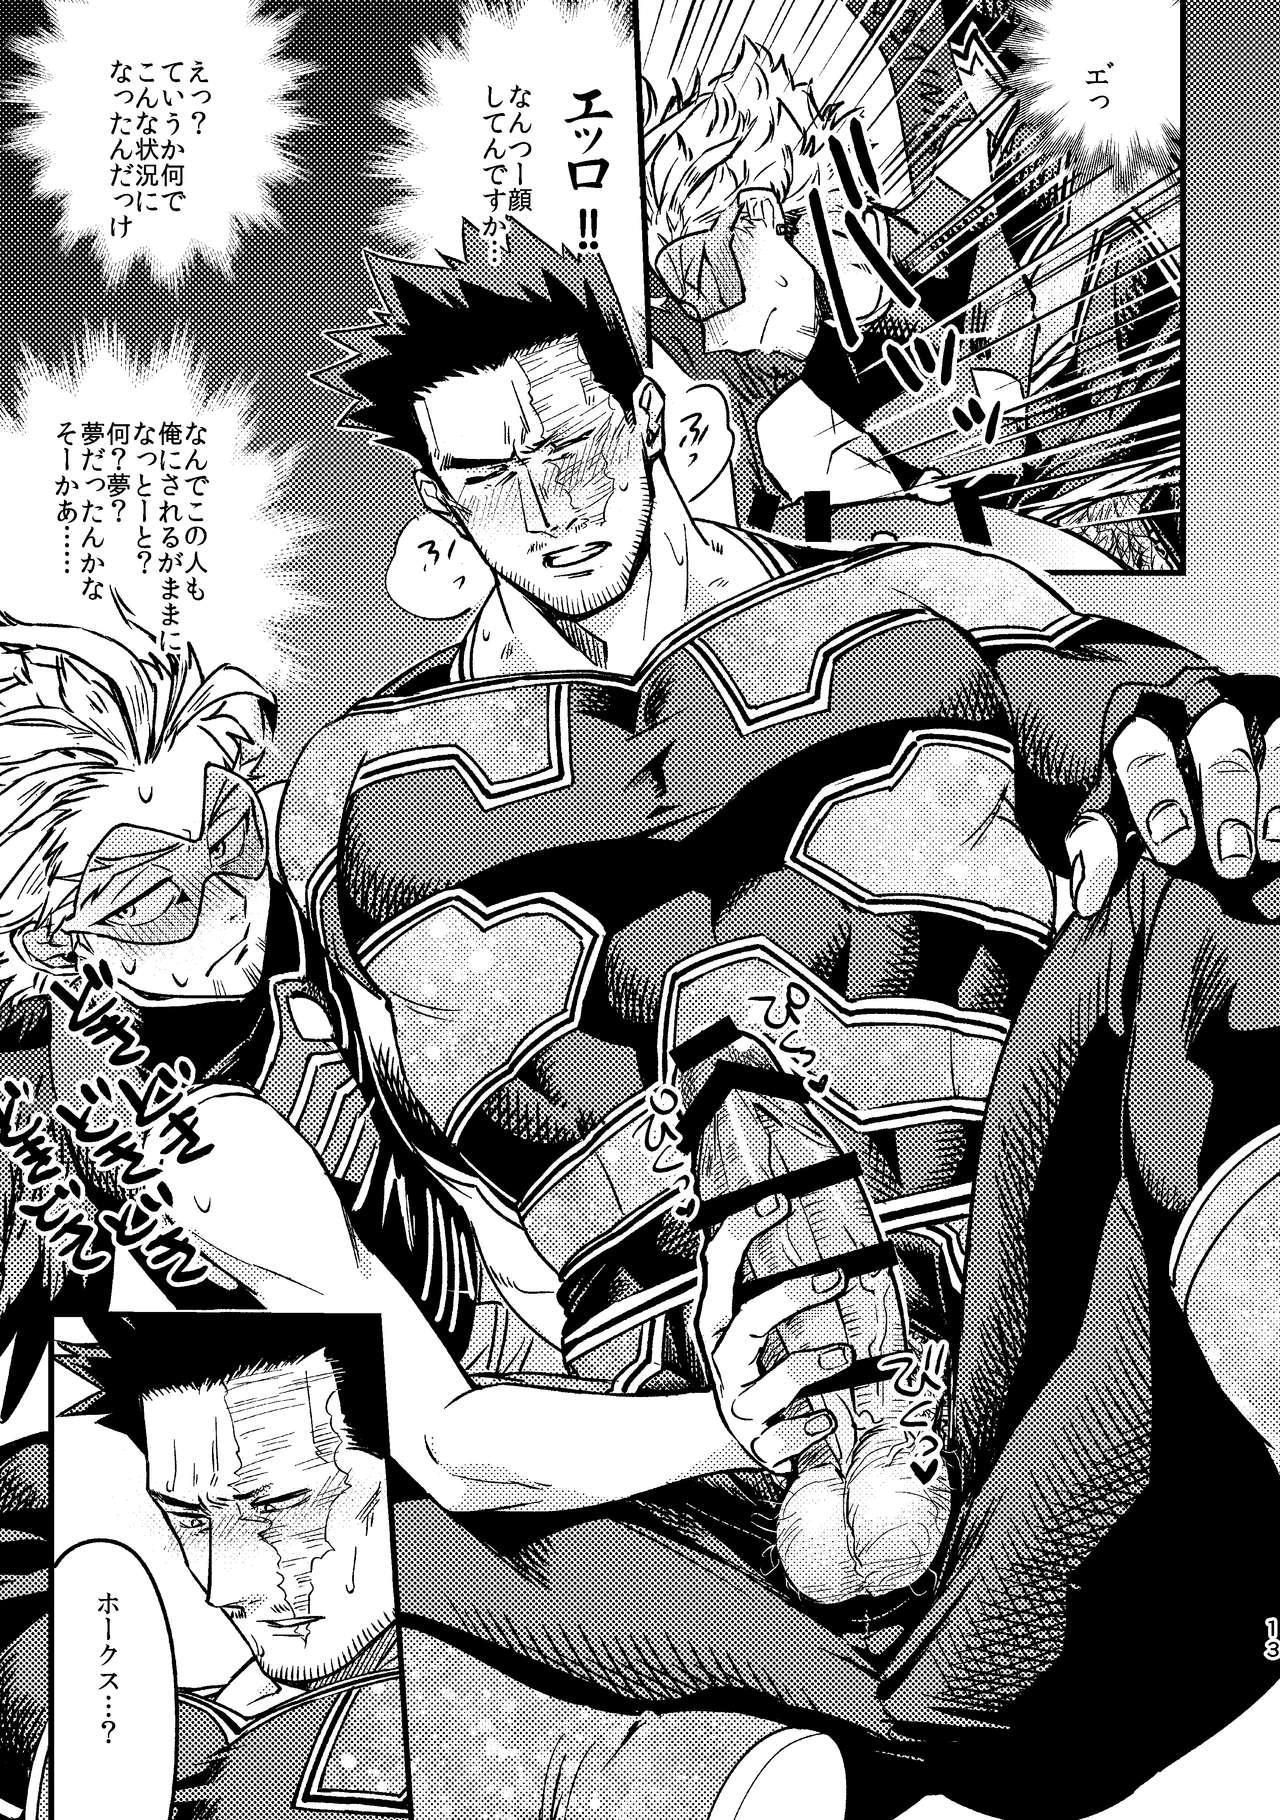 WEB Sairoku Zumi HawEn Manga ga Kami demo Yomeru Hon. 12